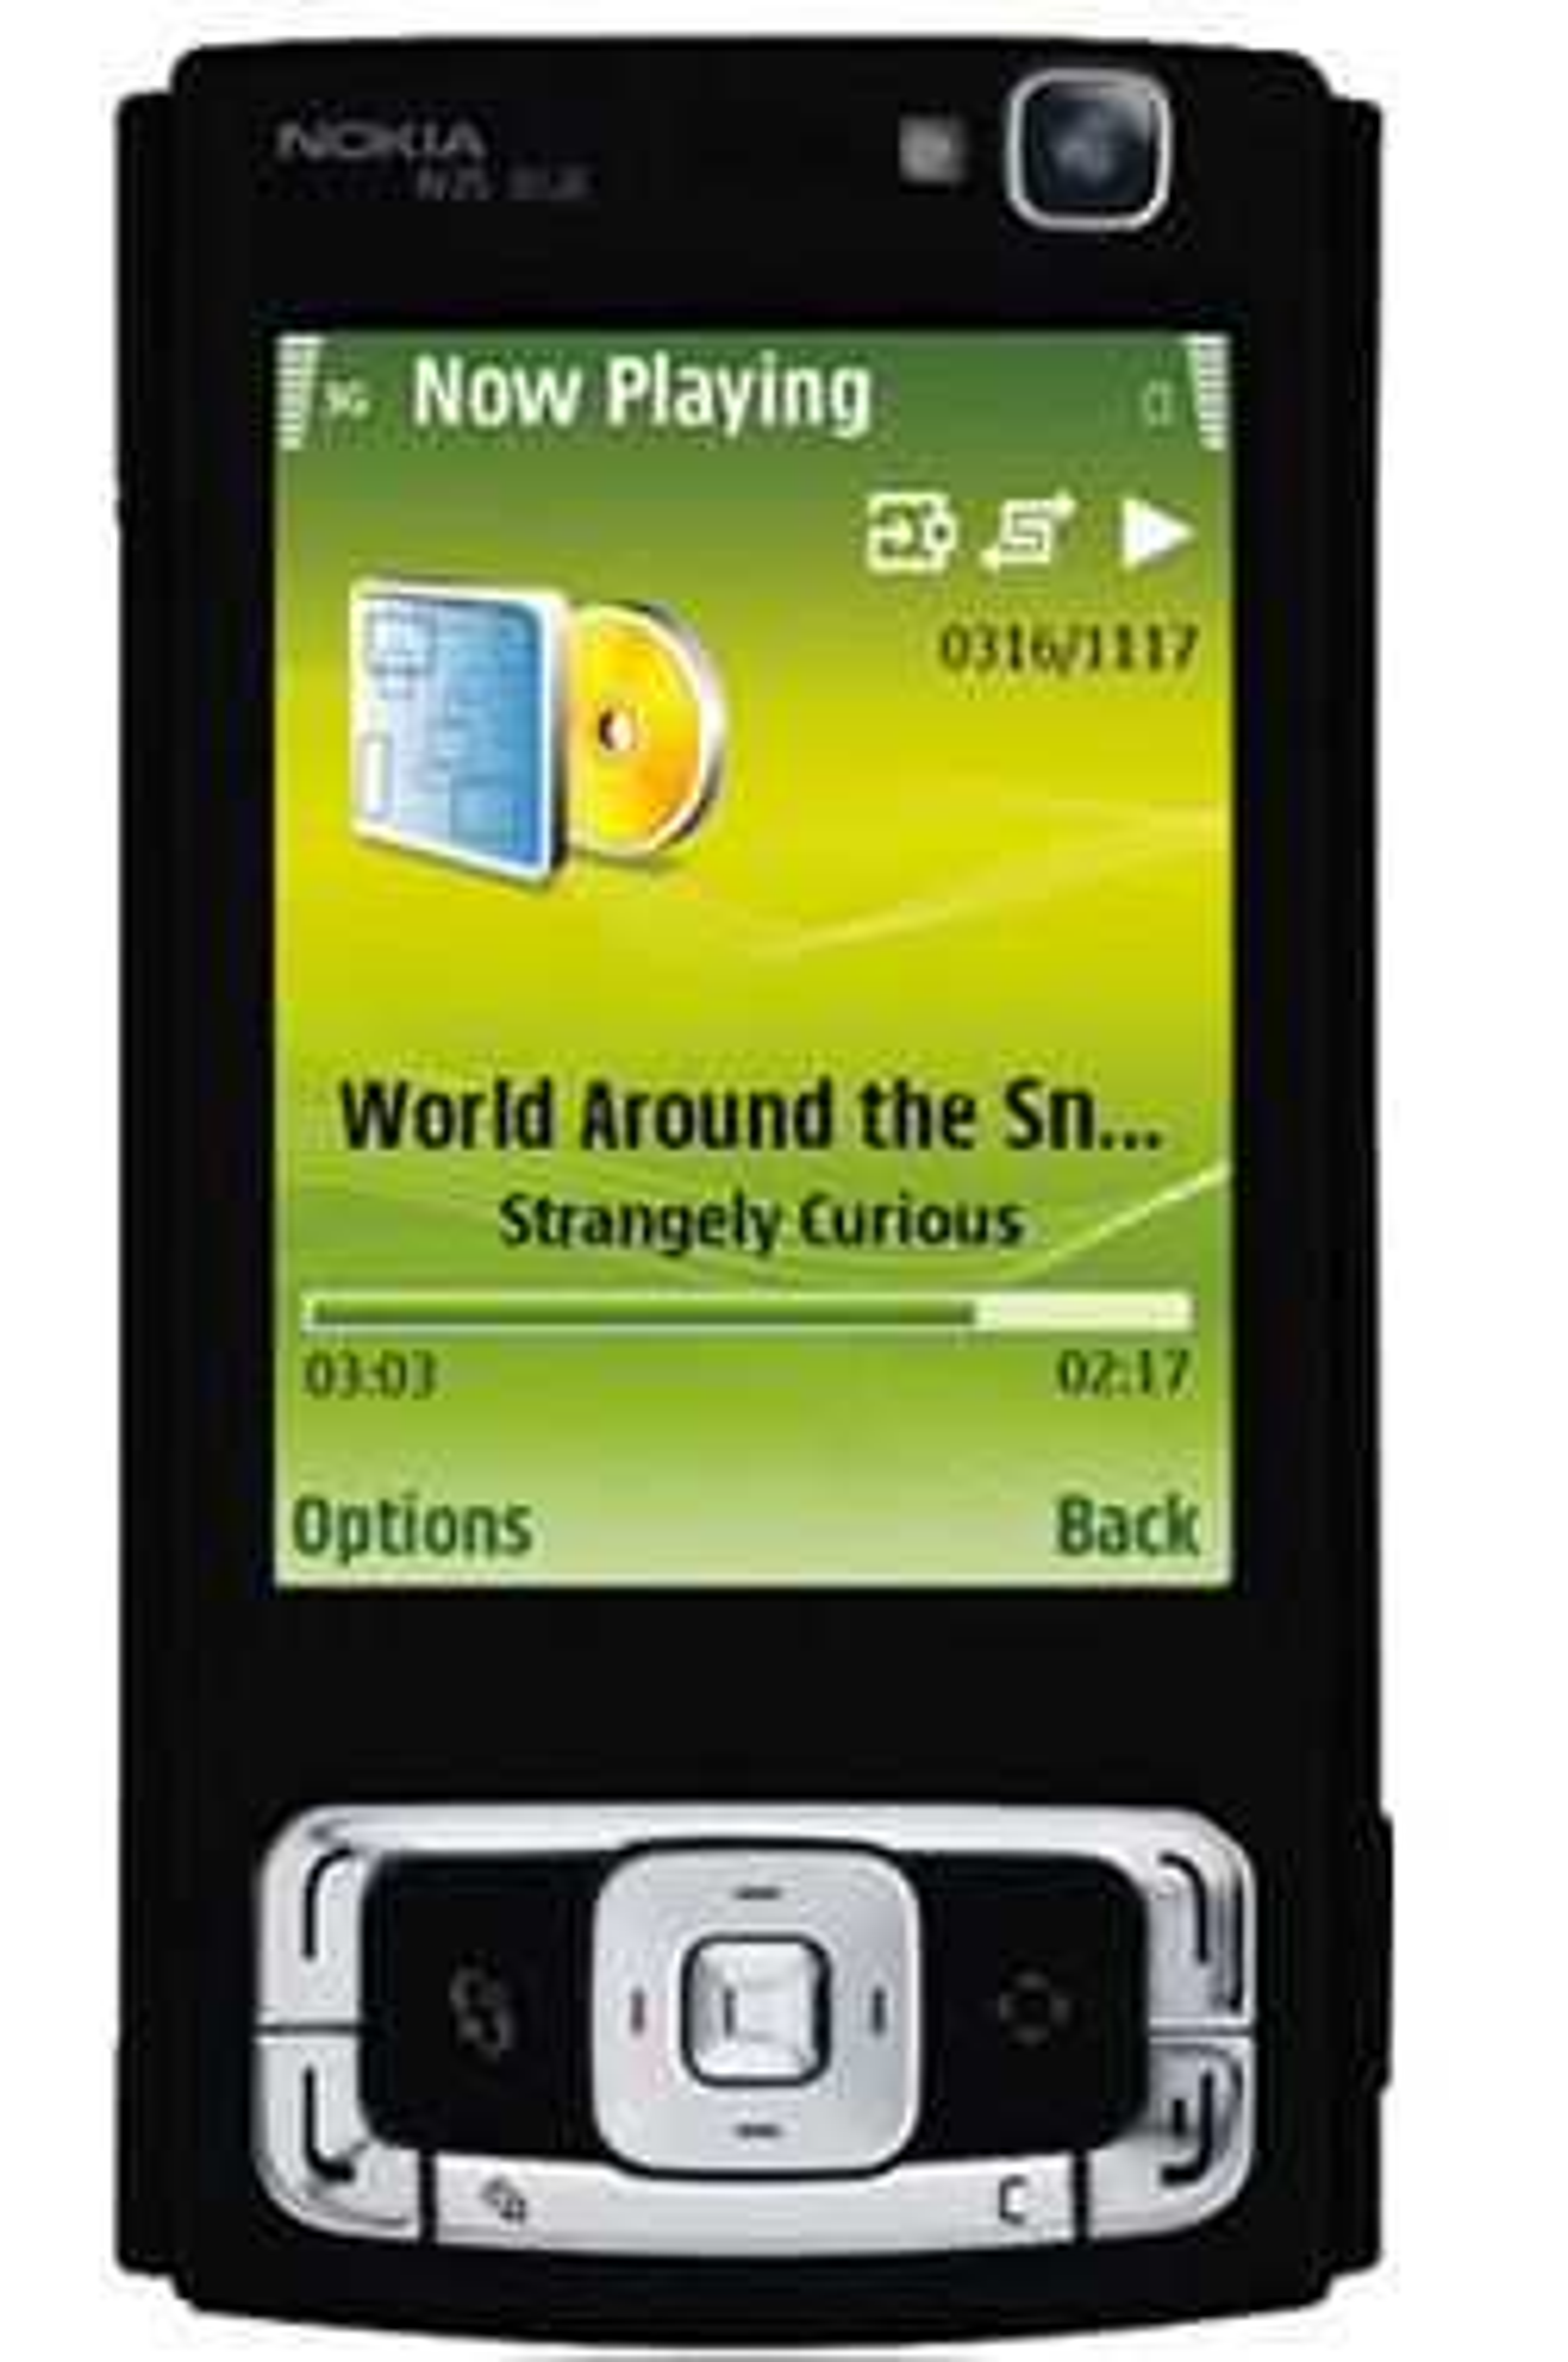 Noen har laget en illustrasjon på hvordan den svarte N95 kan se ut. (Foto: Mobil.se)